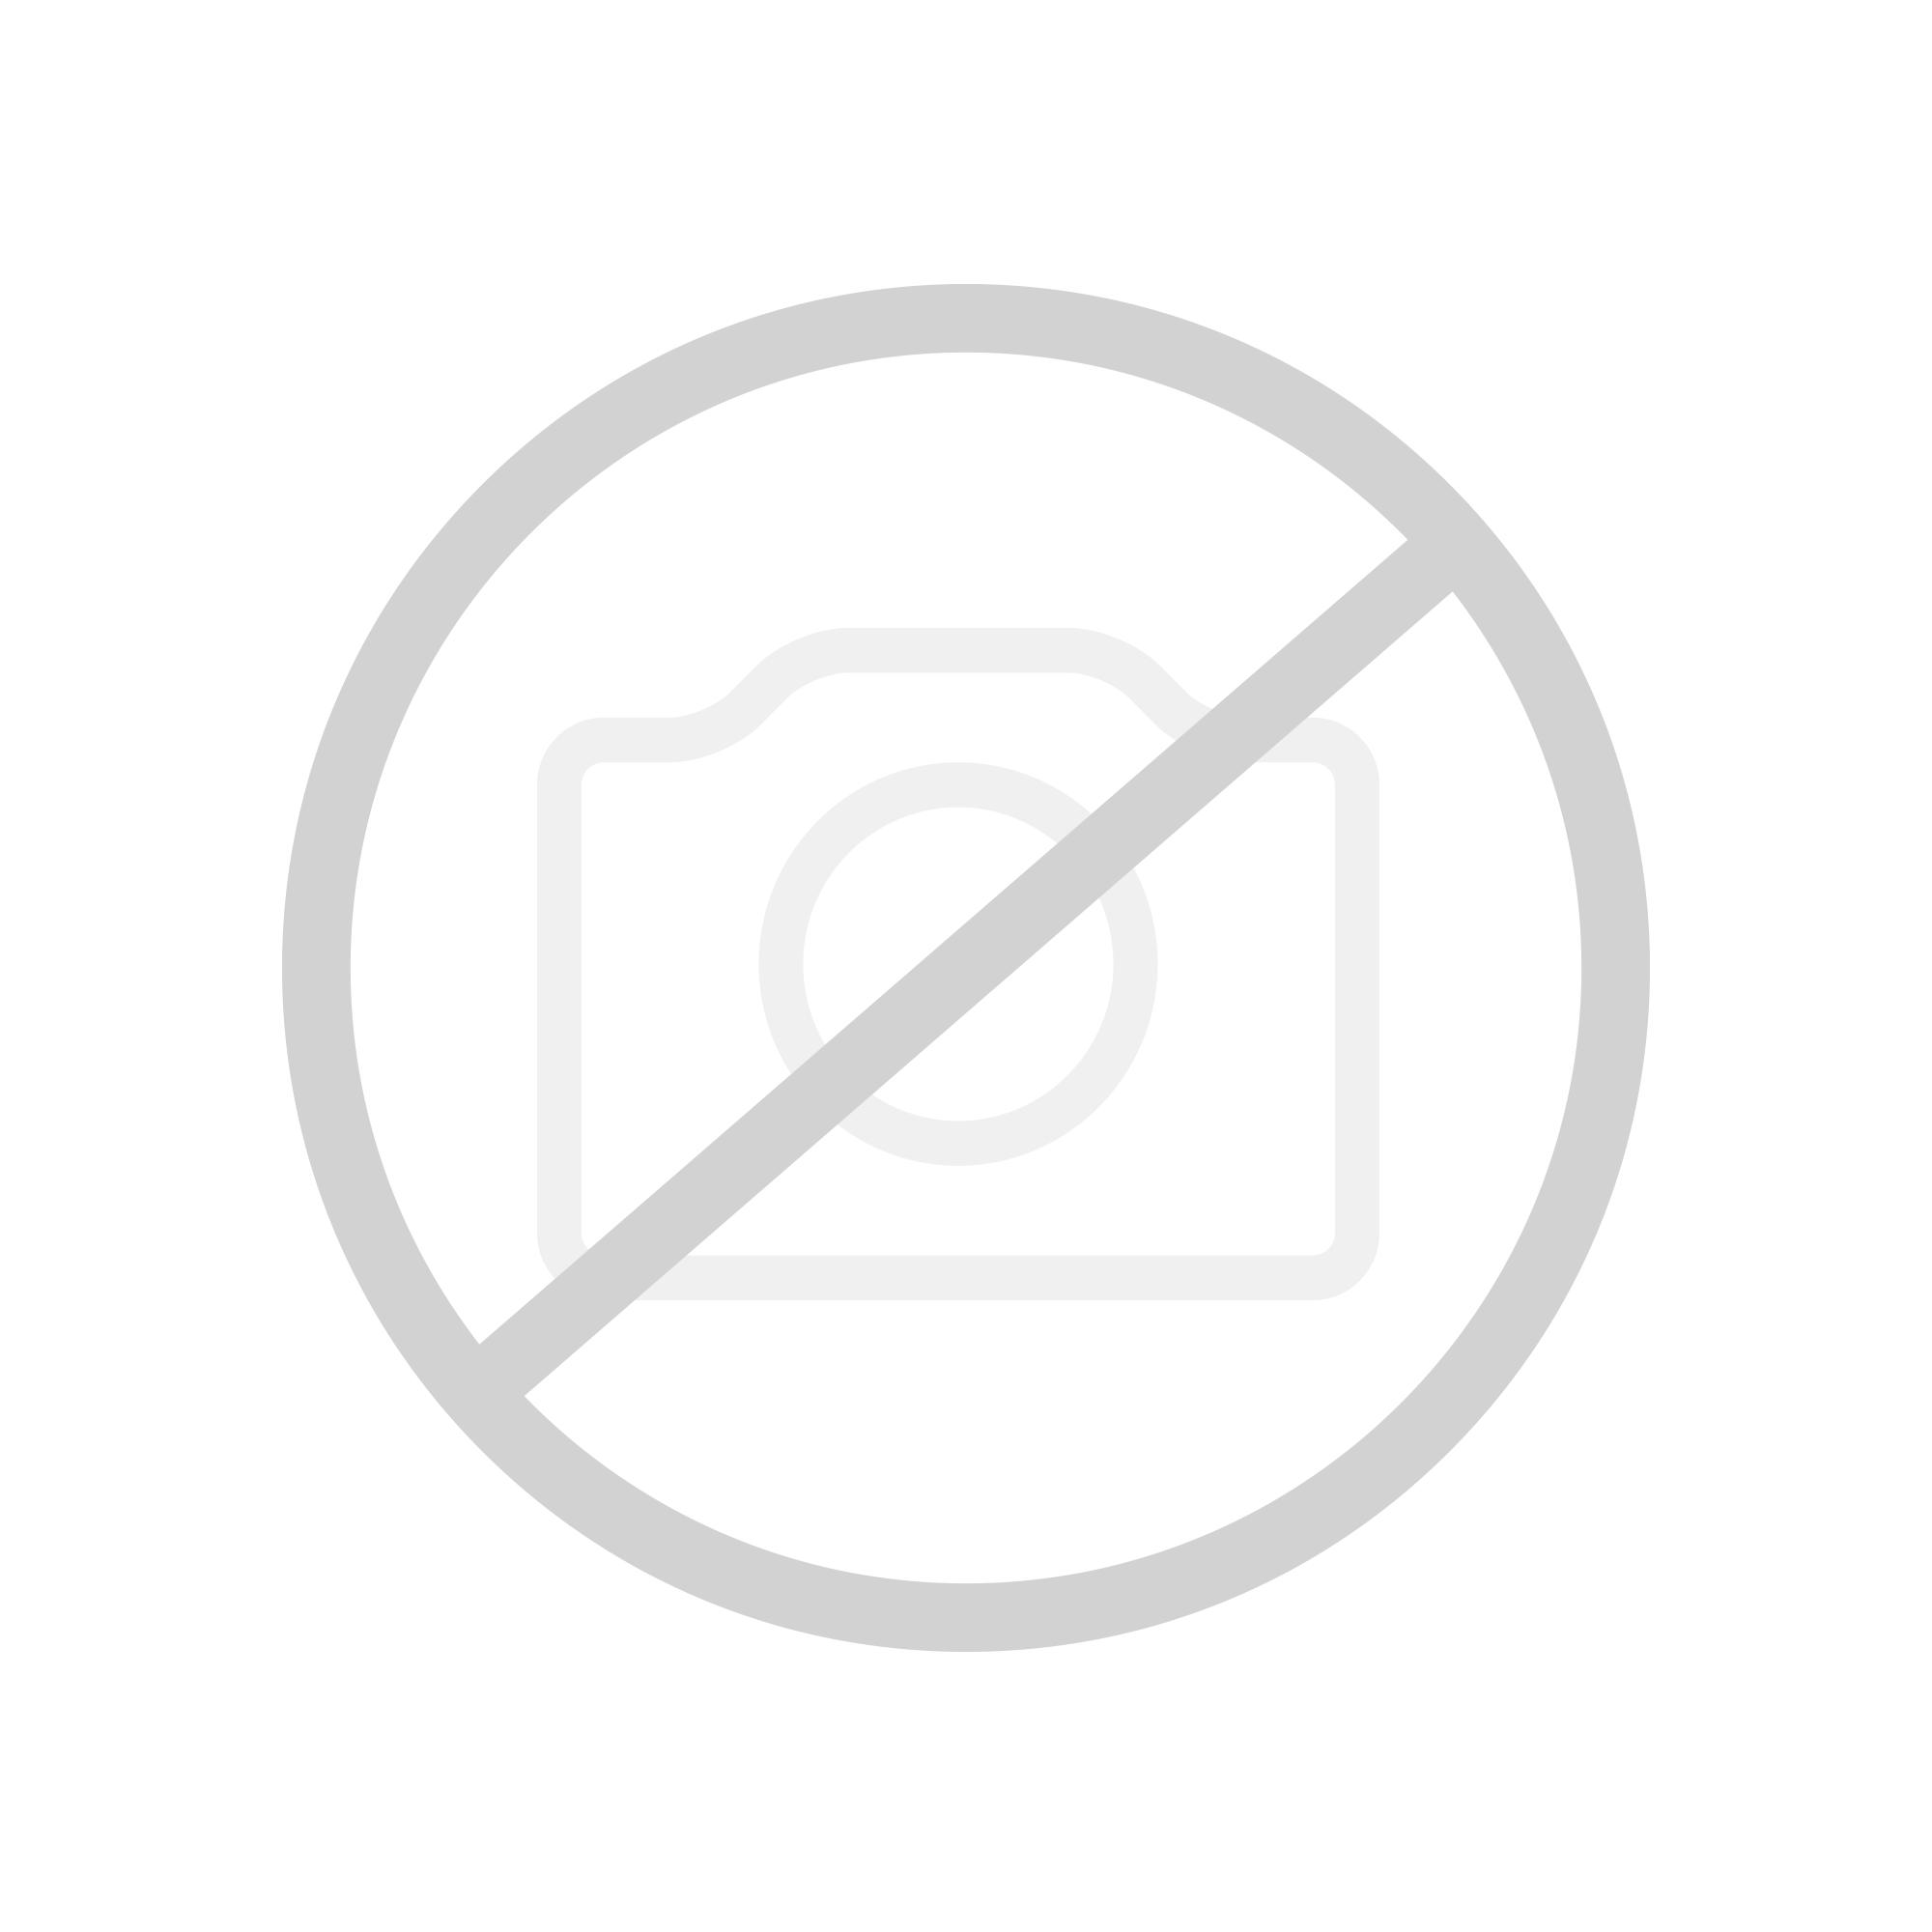 Grohe Eurocube Einhand-Wannenbatterie, für Wandmontage